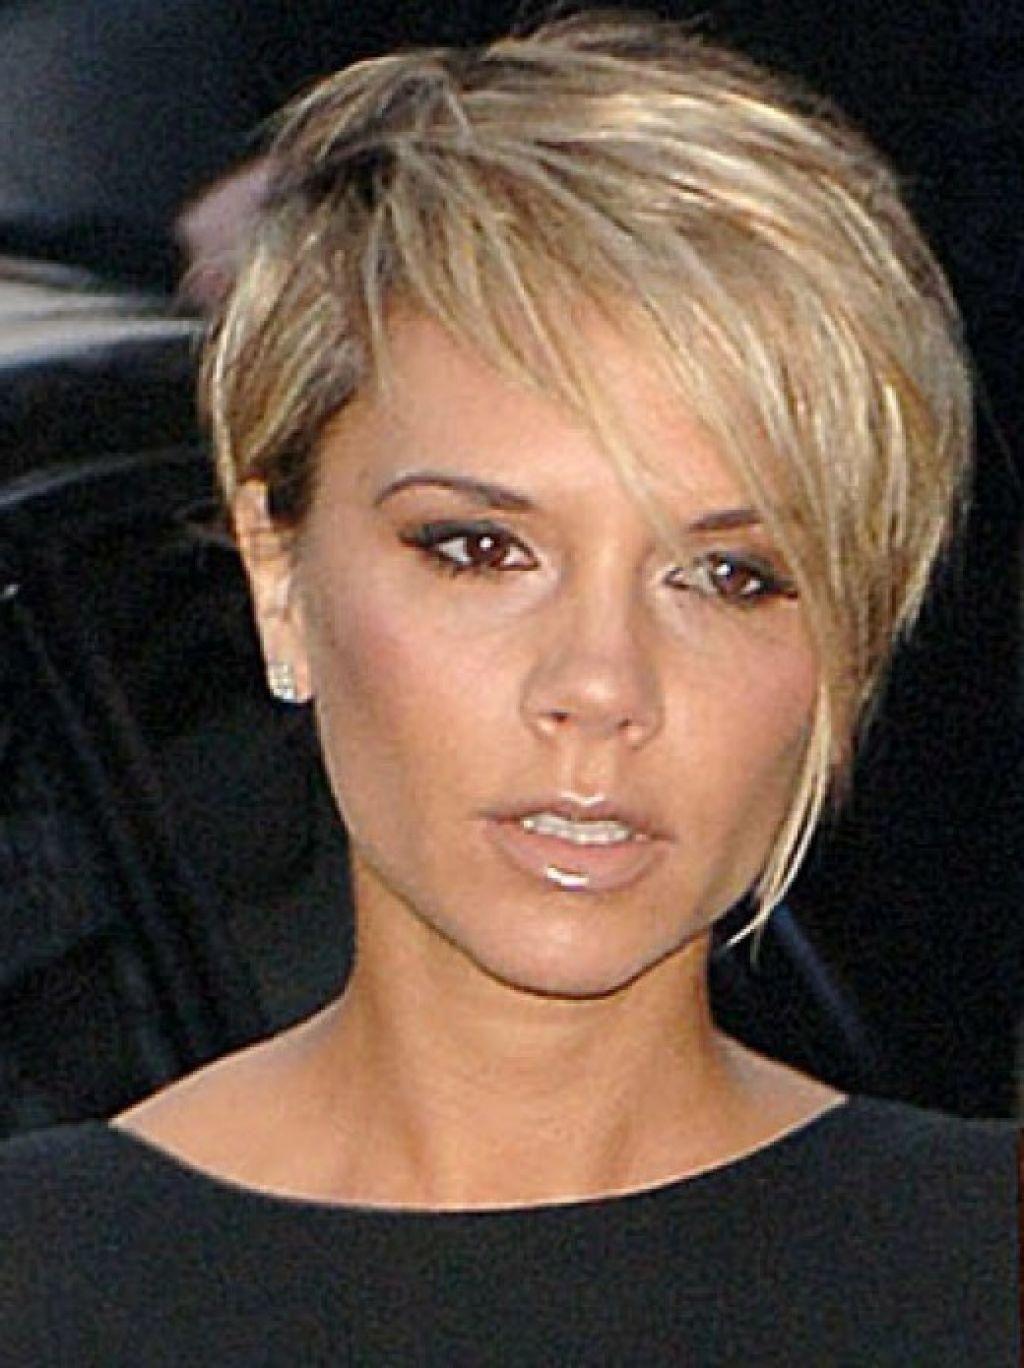 25 Victoria Beckham Frisuren Pixie Frisur Beckham Frisur Victoria Beckham Frisur